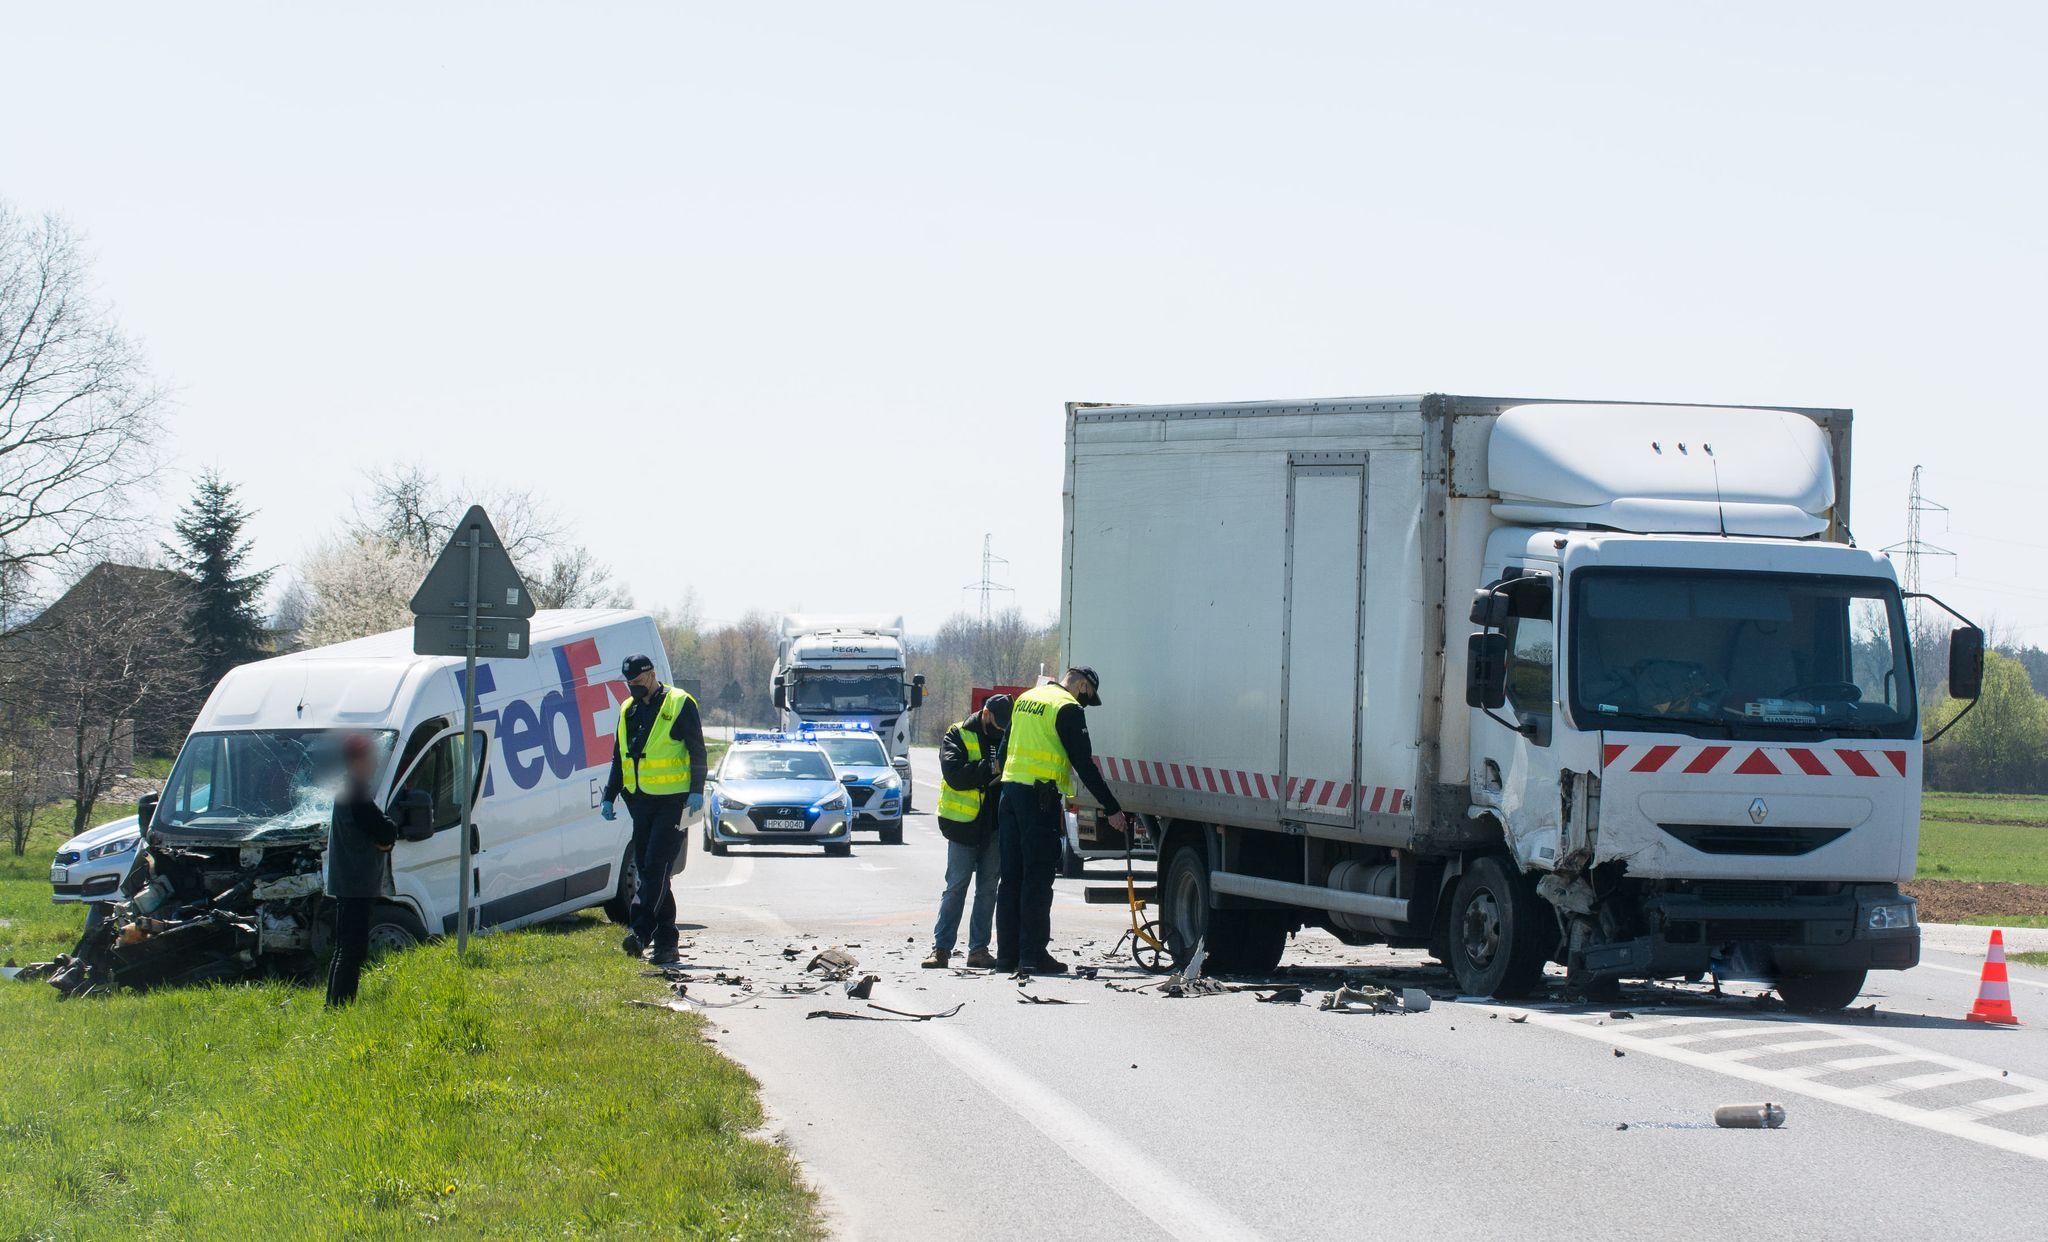 Na podkarpackich drogach. Zderzenie samochodu dostawczego z ciężarówką, karetka pogotowia przewrócona na bok! [MAPA, AKTUALIZACJA] - Zdjęcie główne